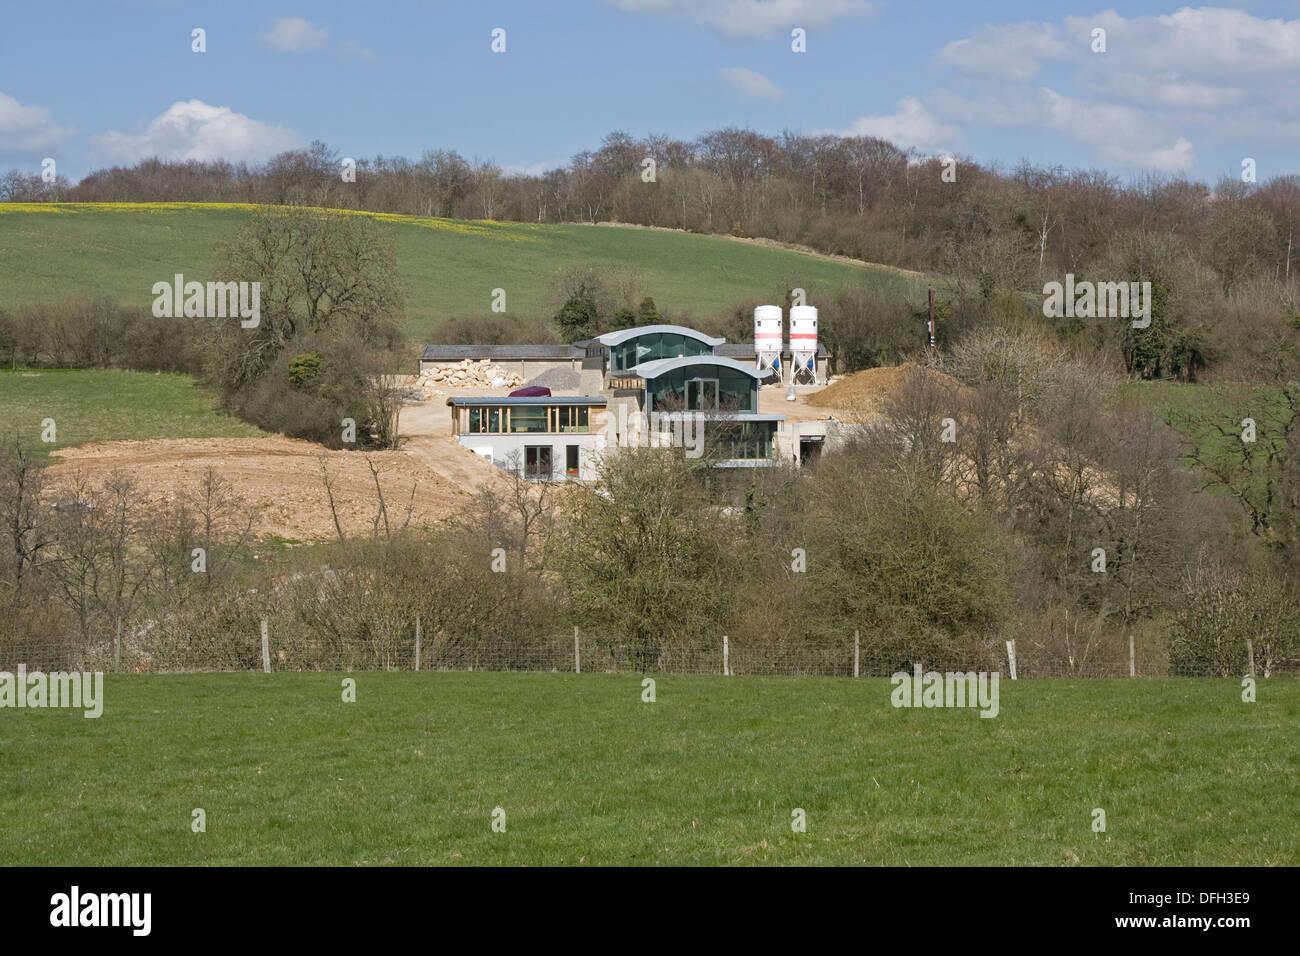 Mondstein einen sehr großen Öko-Haus im Bau öffnen Cotswold Landschaft Elkstone UK Stockbild